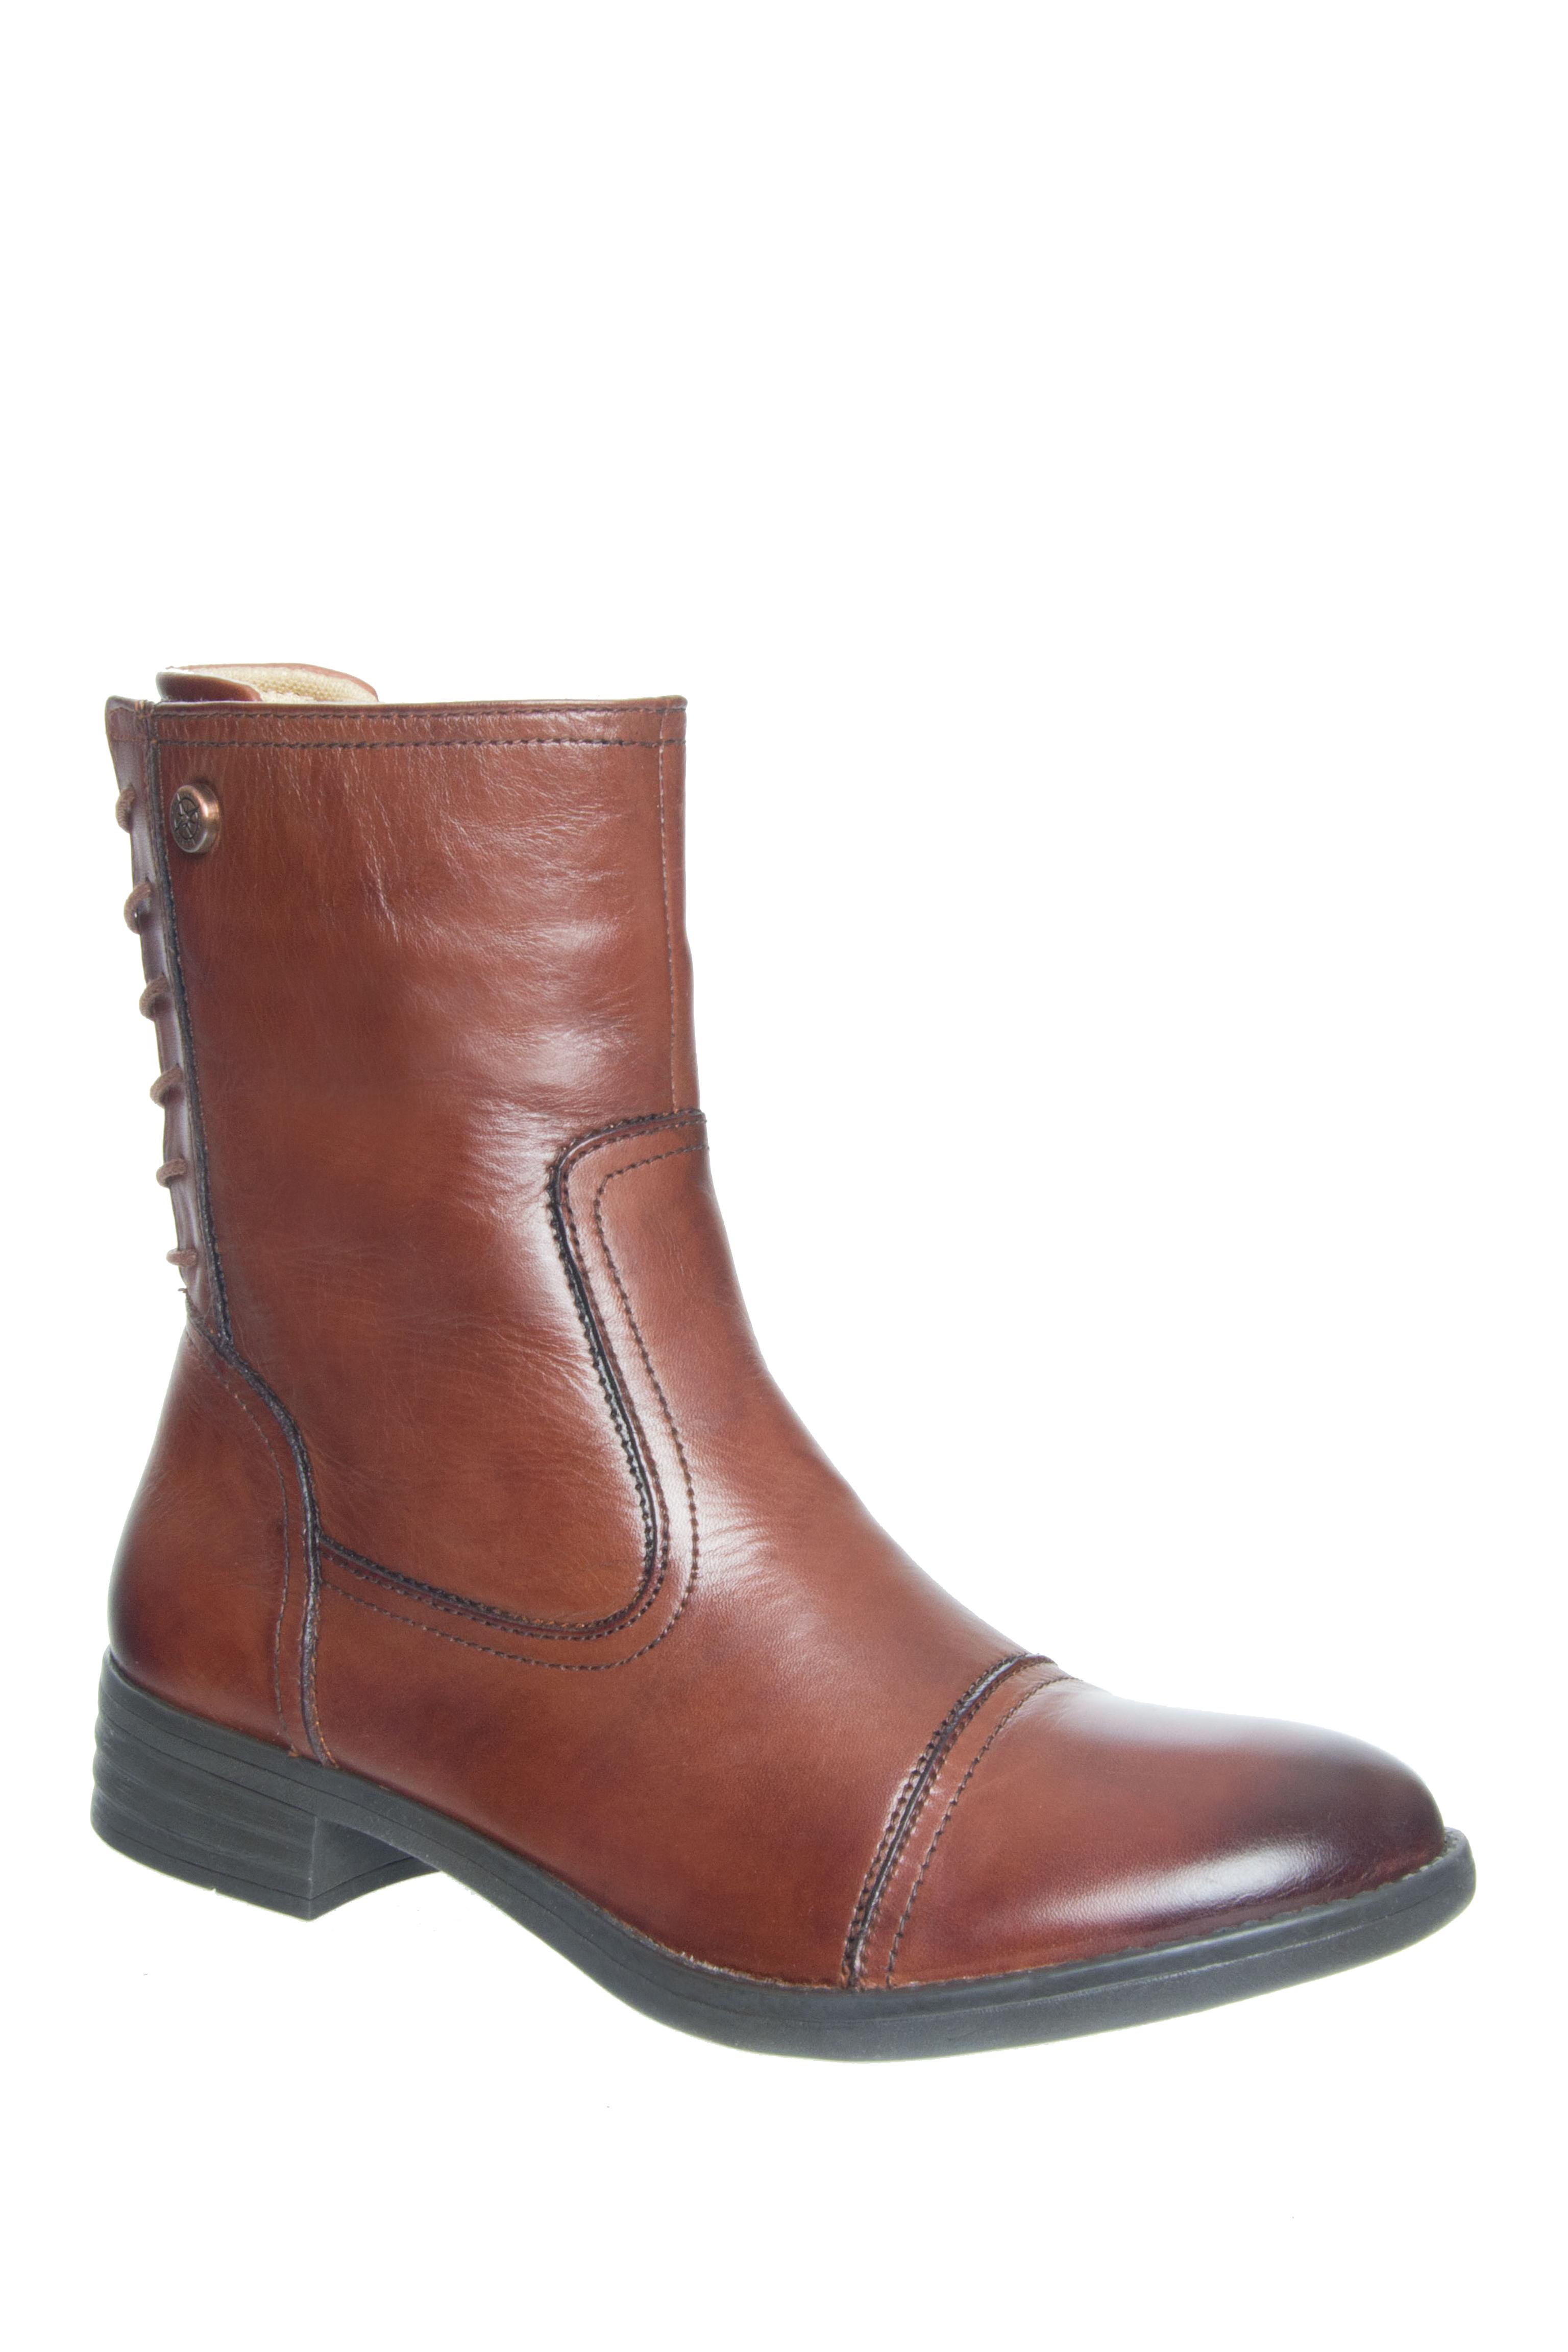 Bussola Tamara Low Heel Boots - Russet